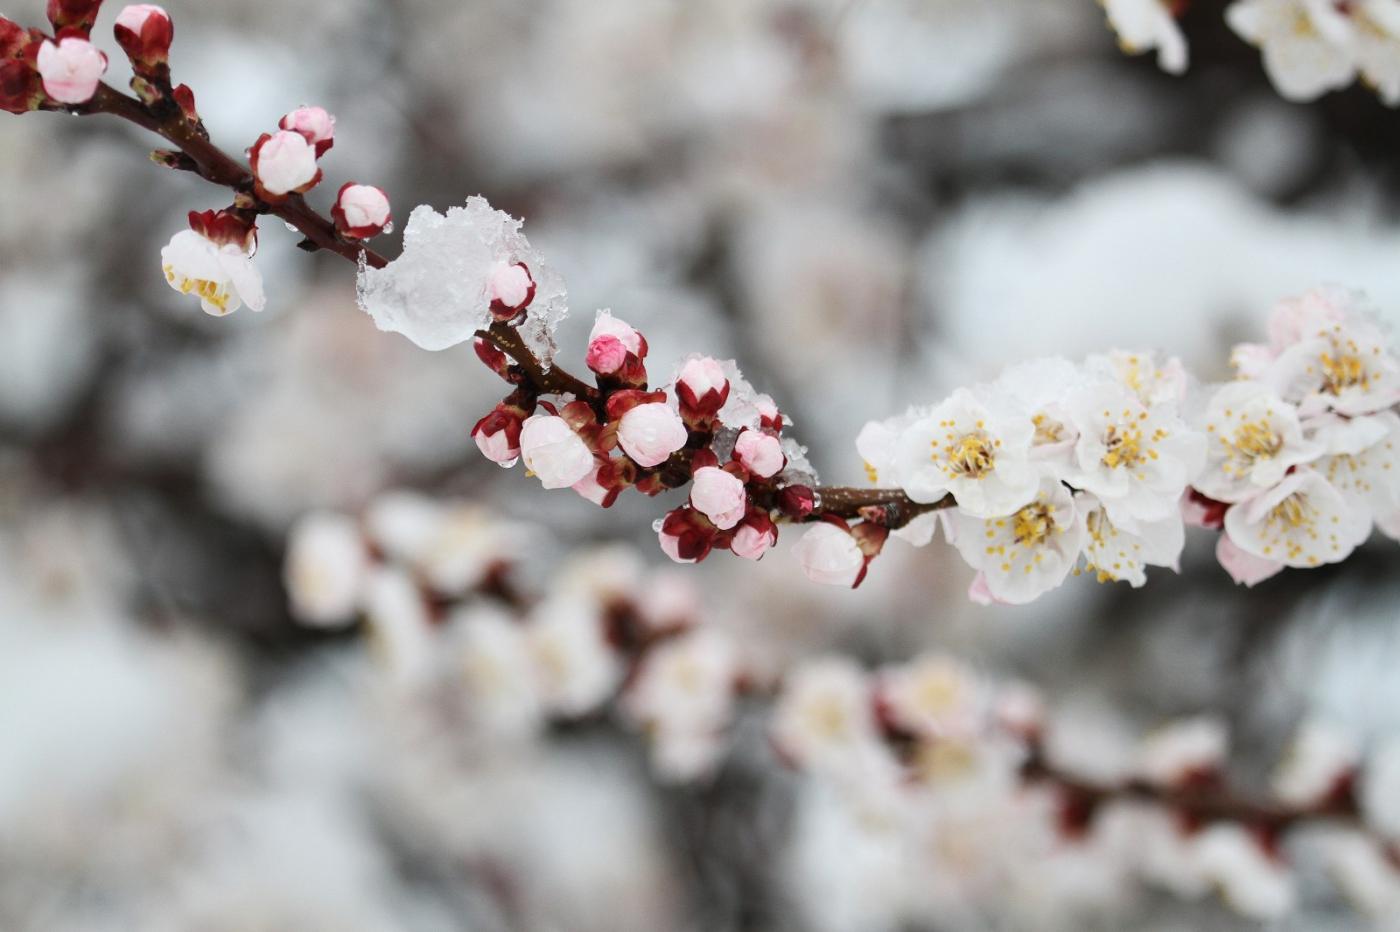 【田螺手机摄影】今早下雪去拍梅花_图1-3